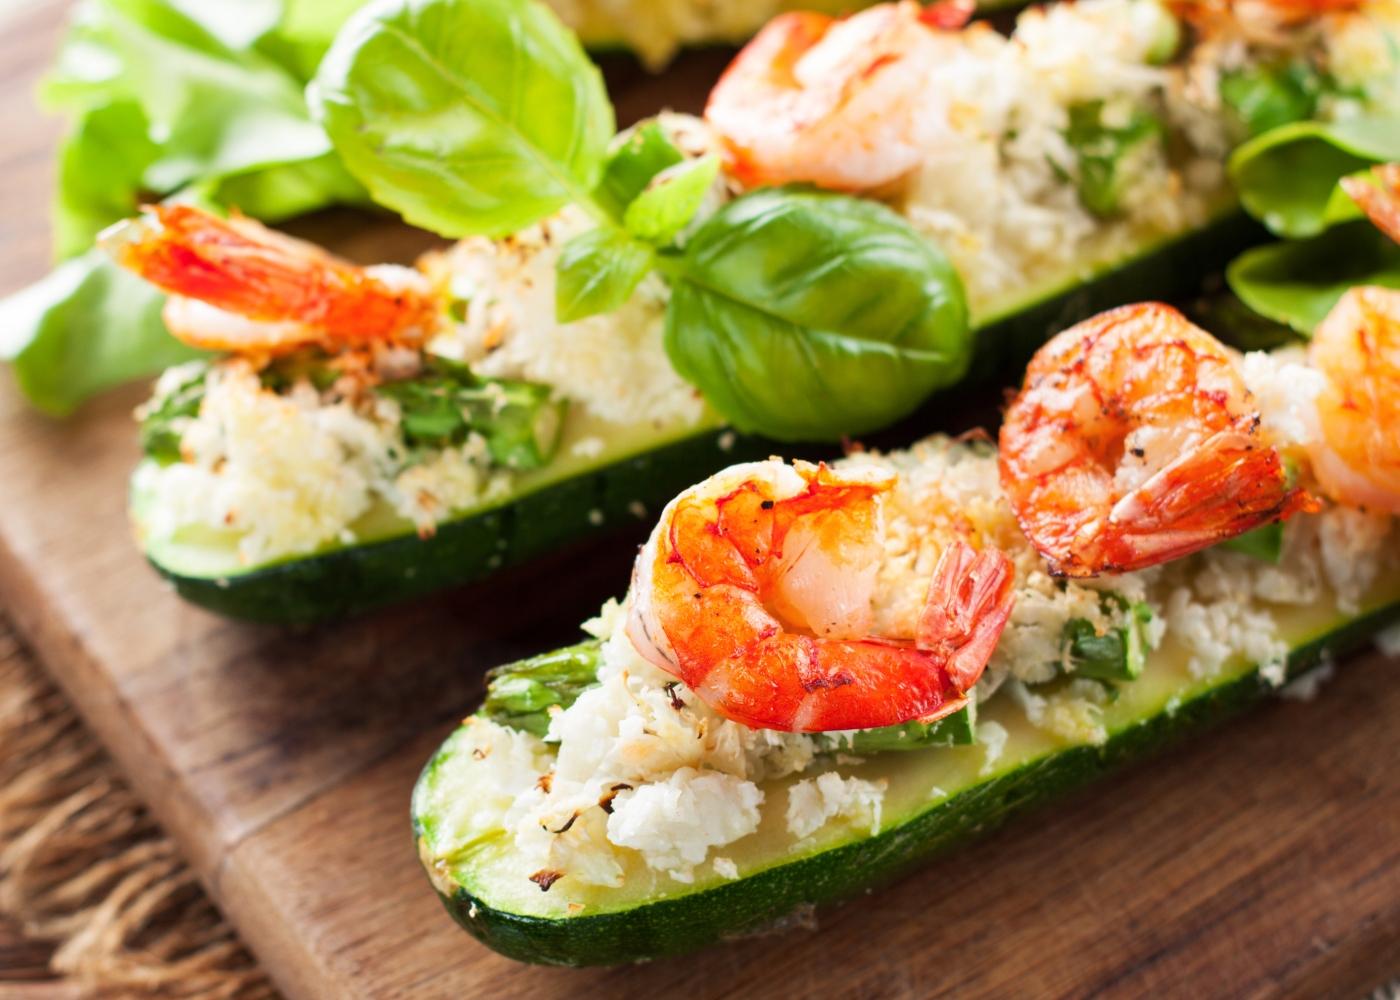 courgettes recheadas com camarão